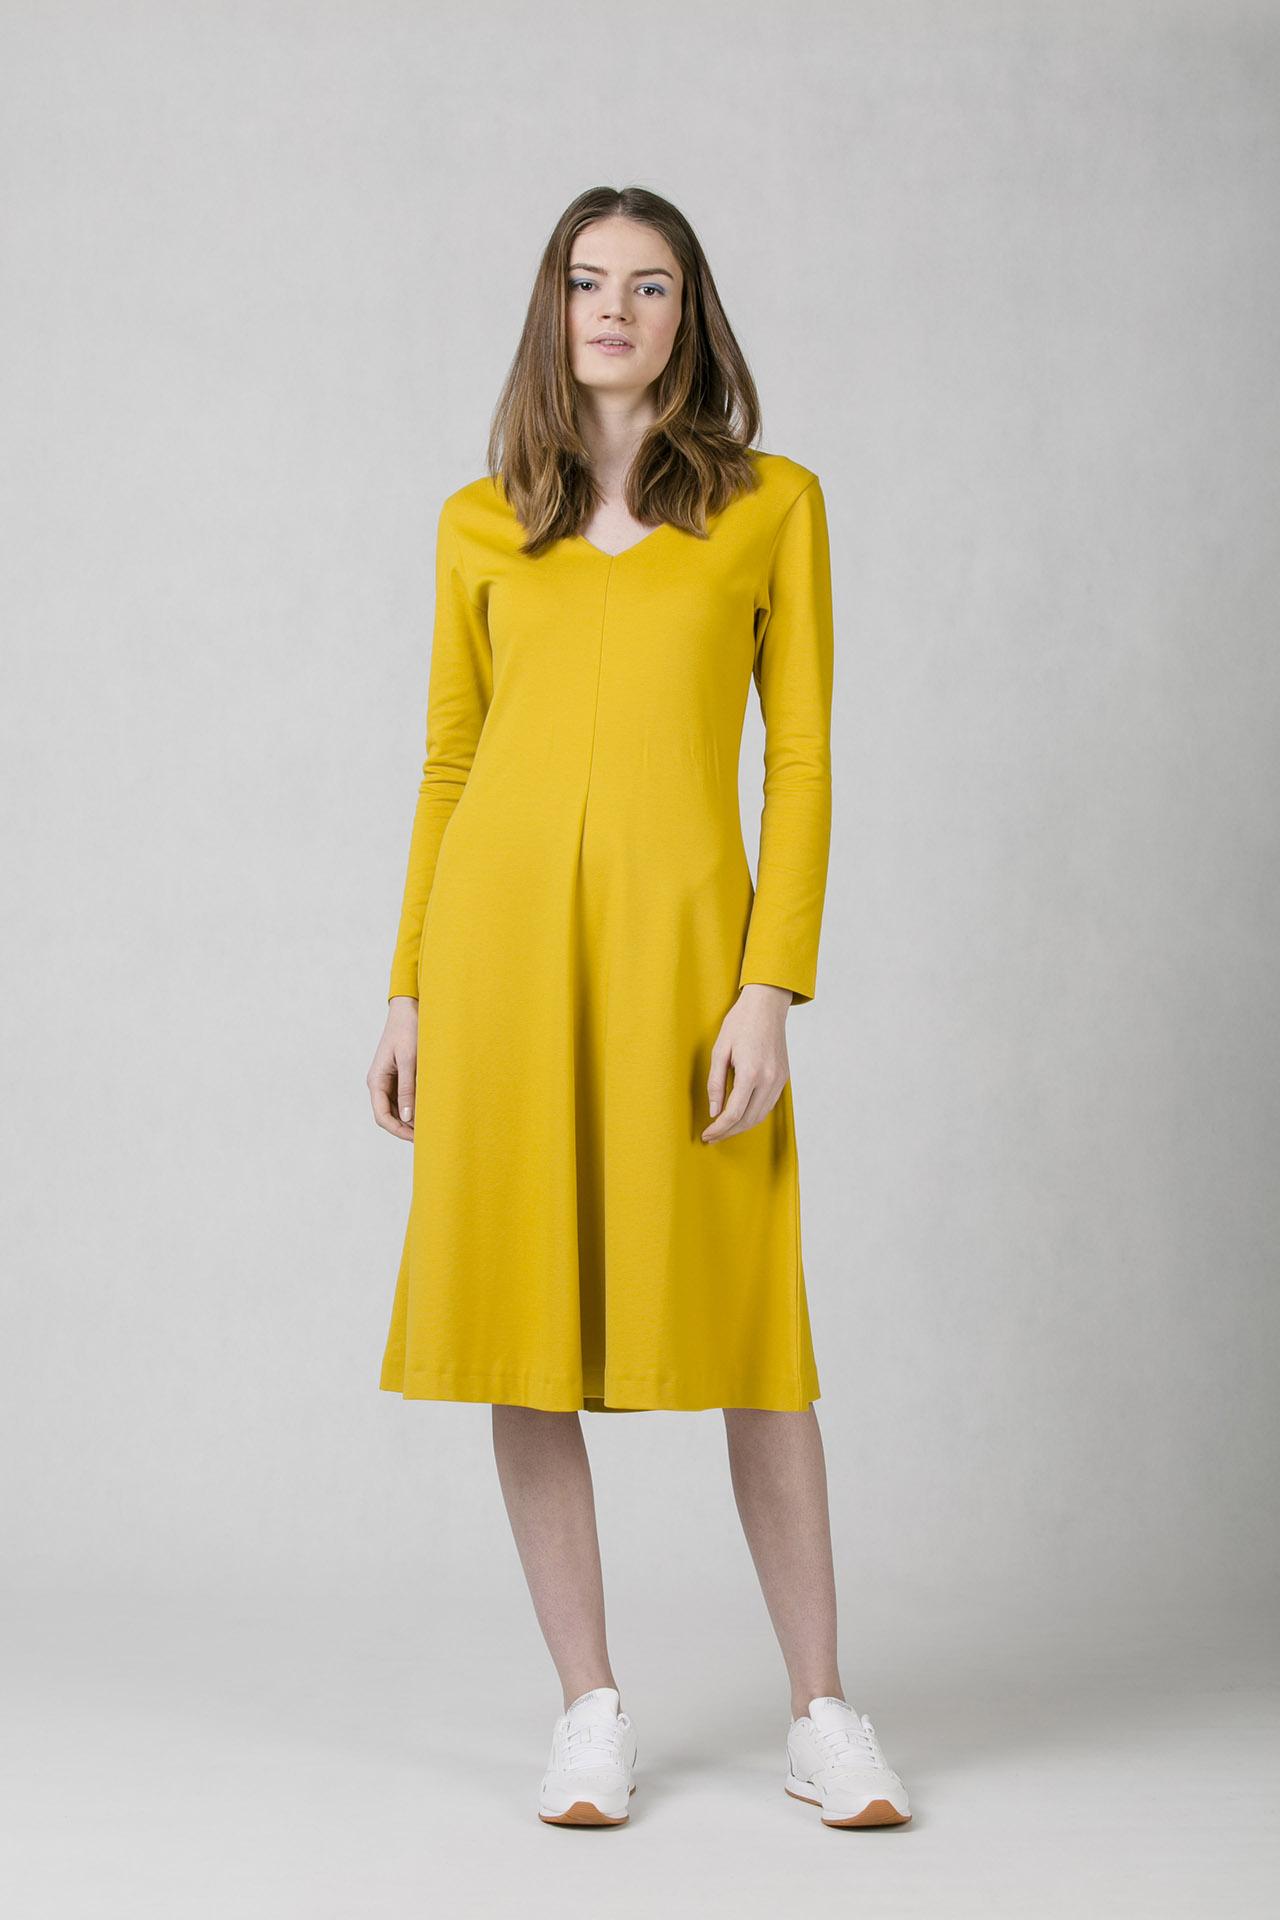 030f32bd7888 Dámské šaty s áčkovou sukní Oneday v midi délce